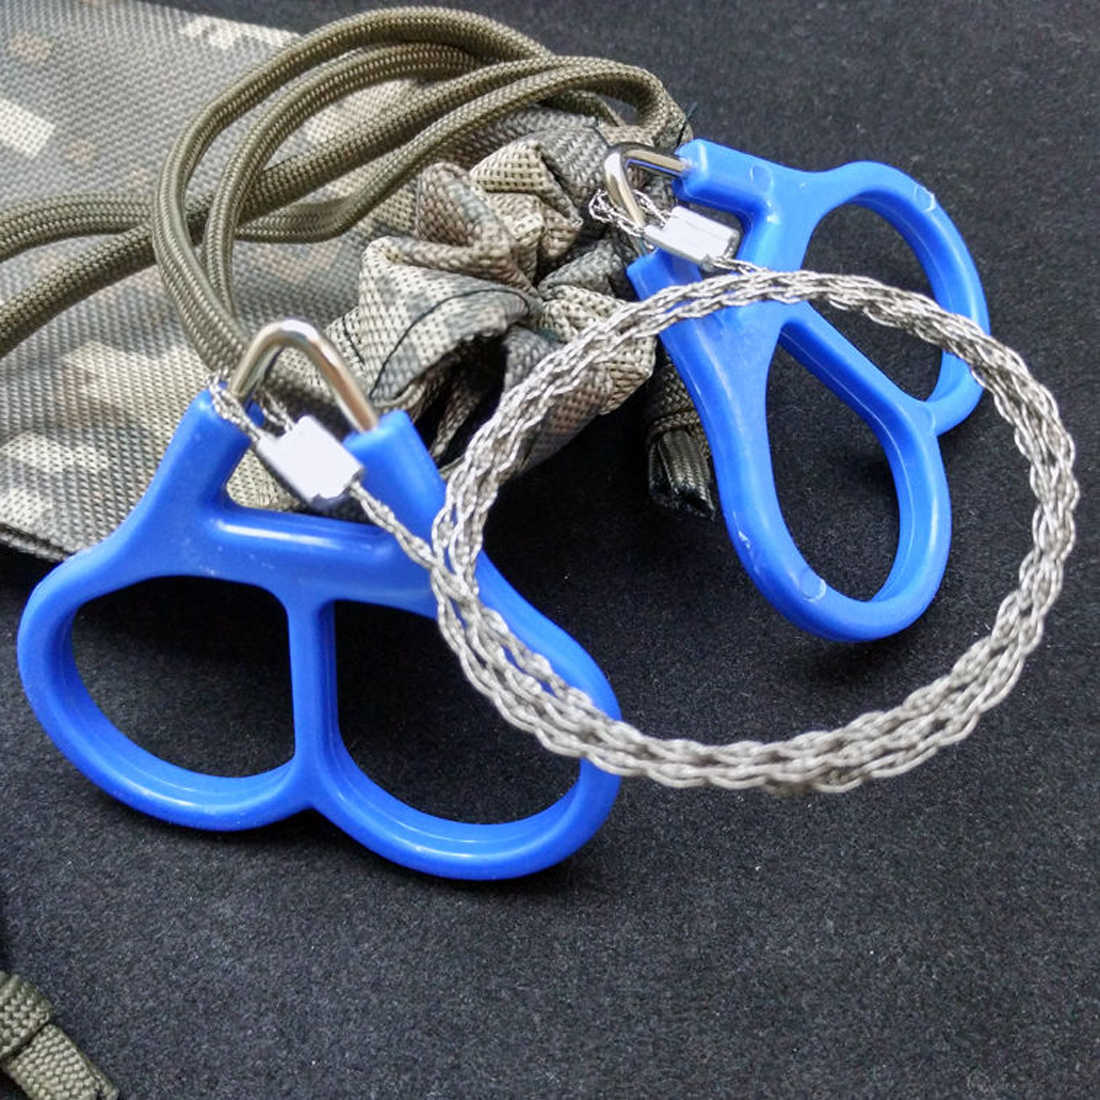 73 Cm Roestvrij Staaldraad Zag Draagbare Camping Wandelen Reizen Outdoor Emergency Overleven Tool Wire Kits Met Vinger Handvat